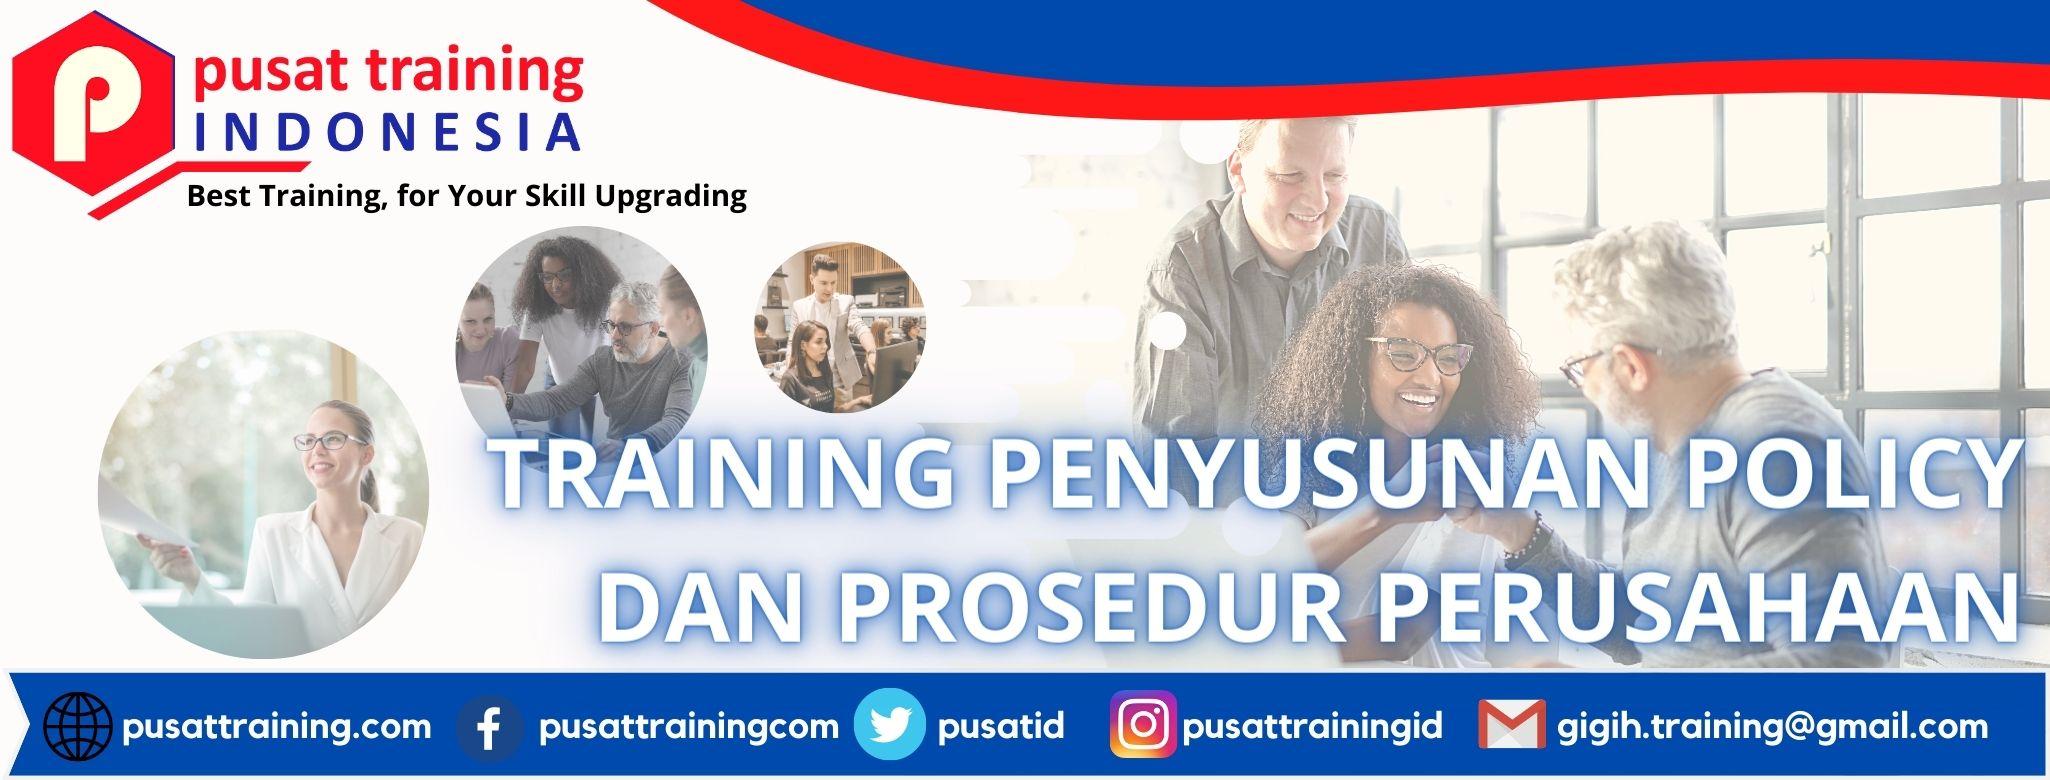 training-penyusunan-policy-dan-prosedur-perusahaan